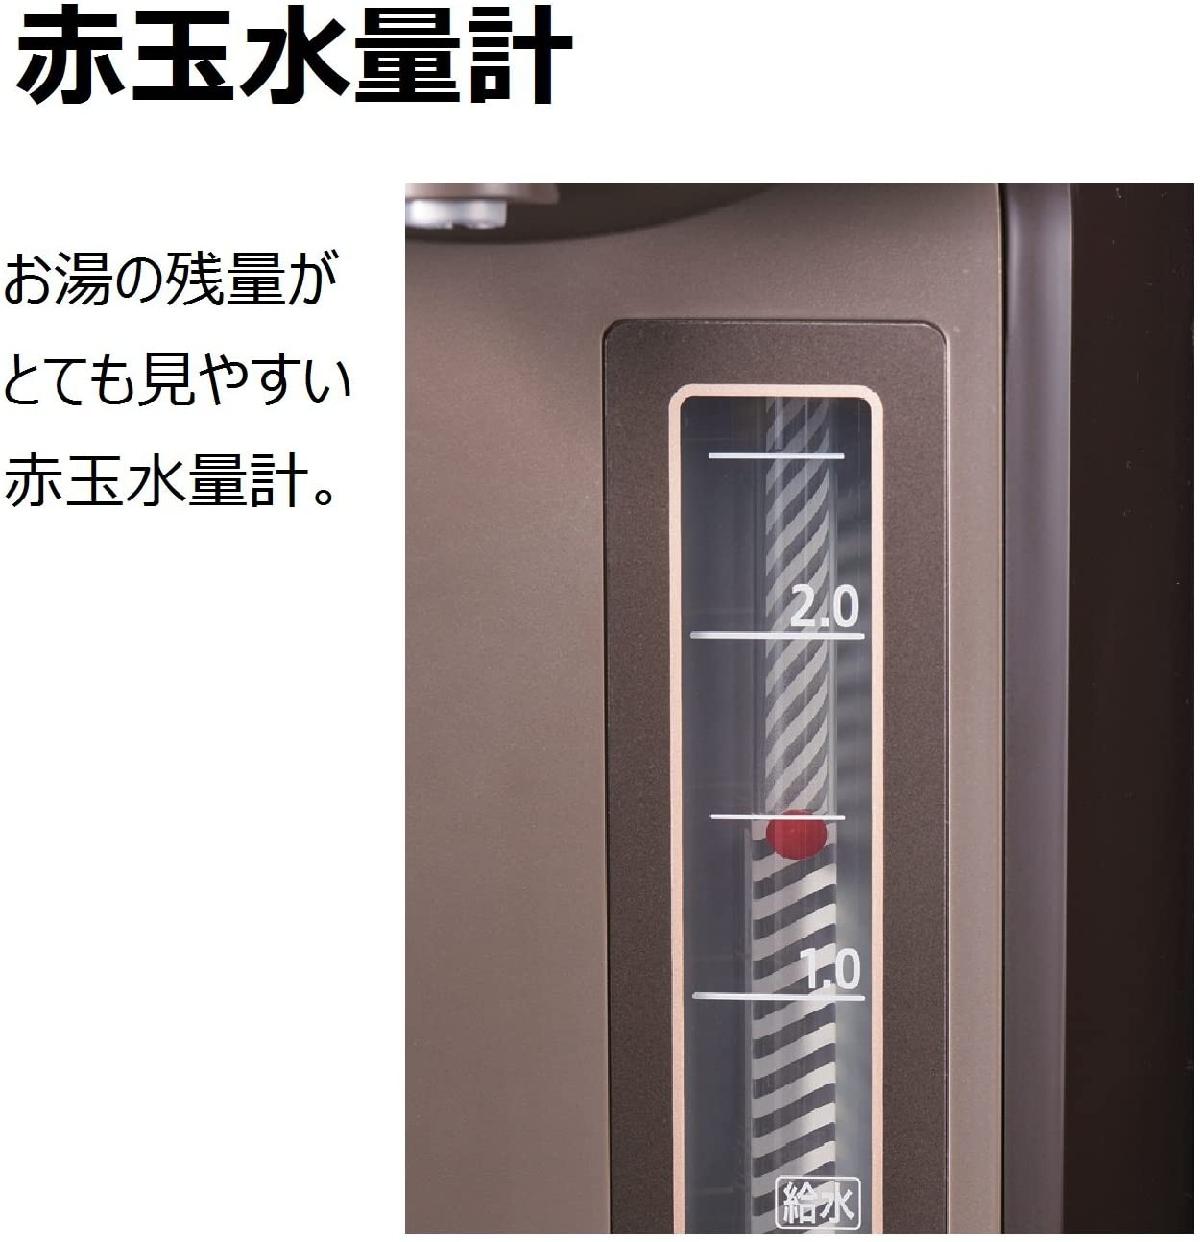 象印(ぞうじるし)マイコン沸とうVE電気まほうびん 優湯生 CV-GA22の商品画像7